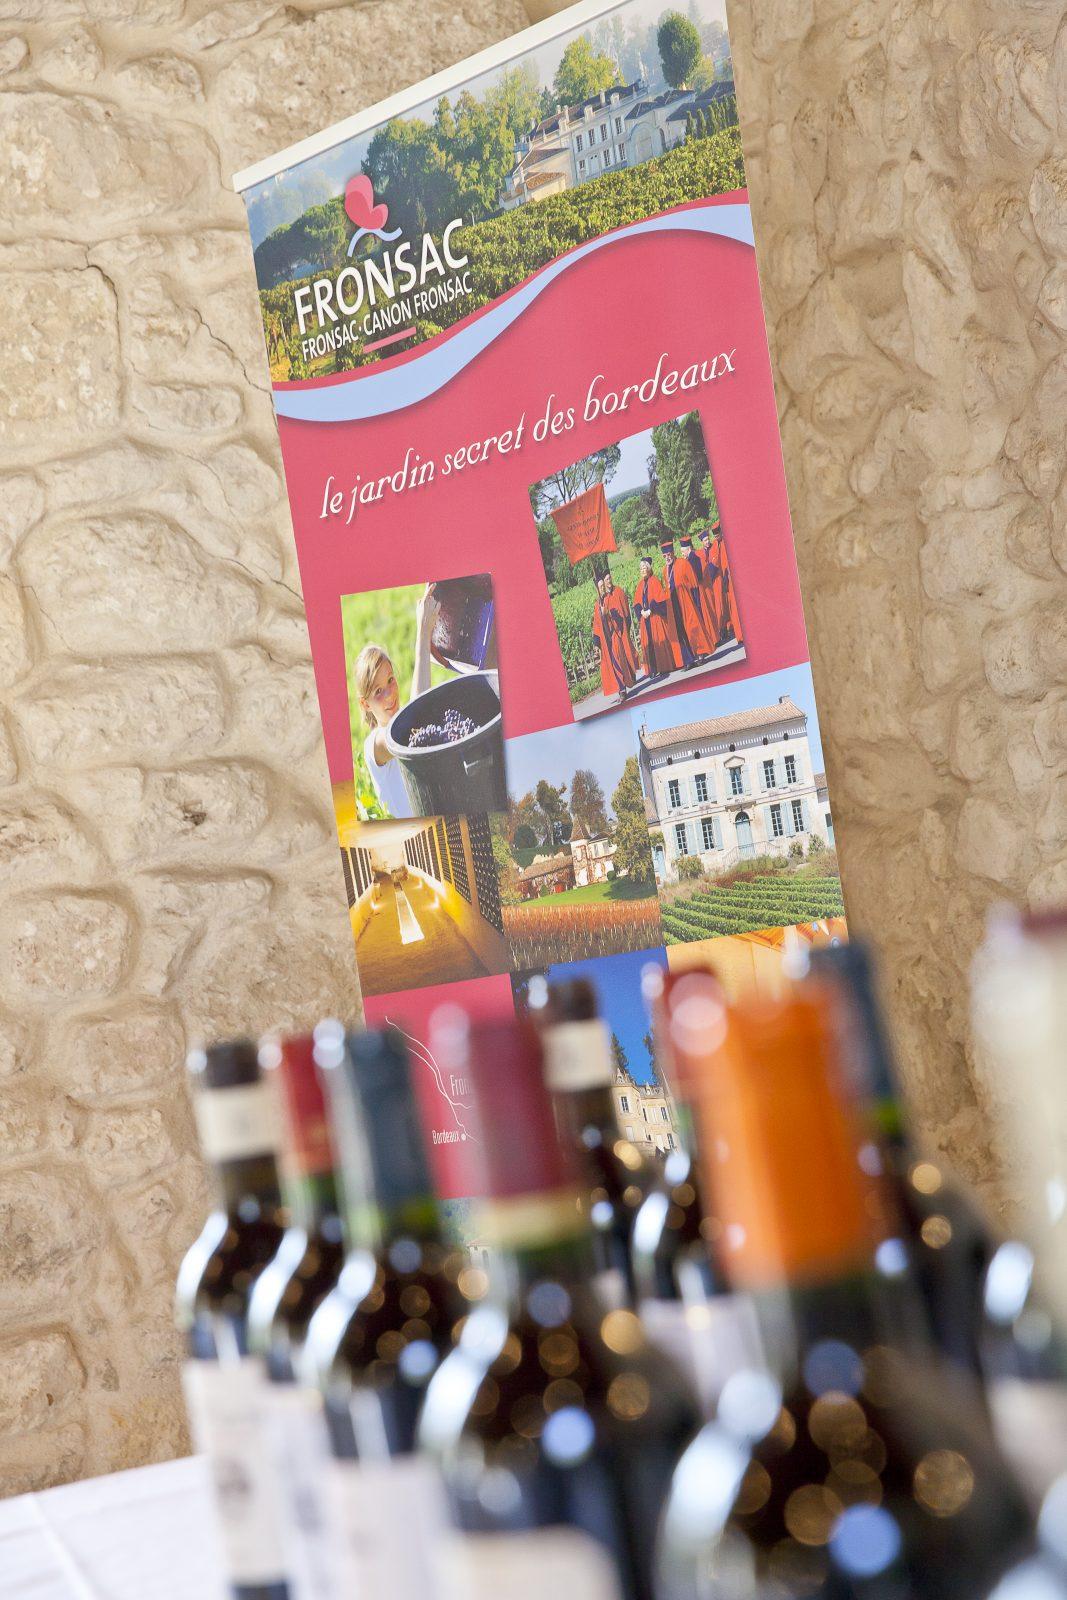 maison des vins fronsac- bouteilles